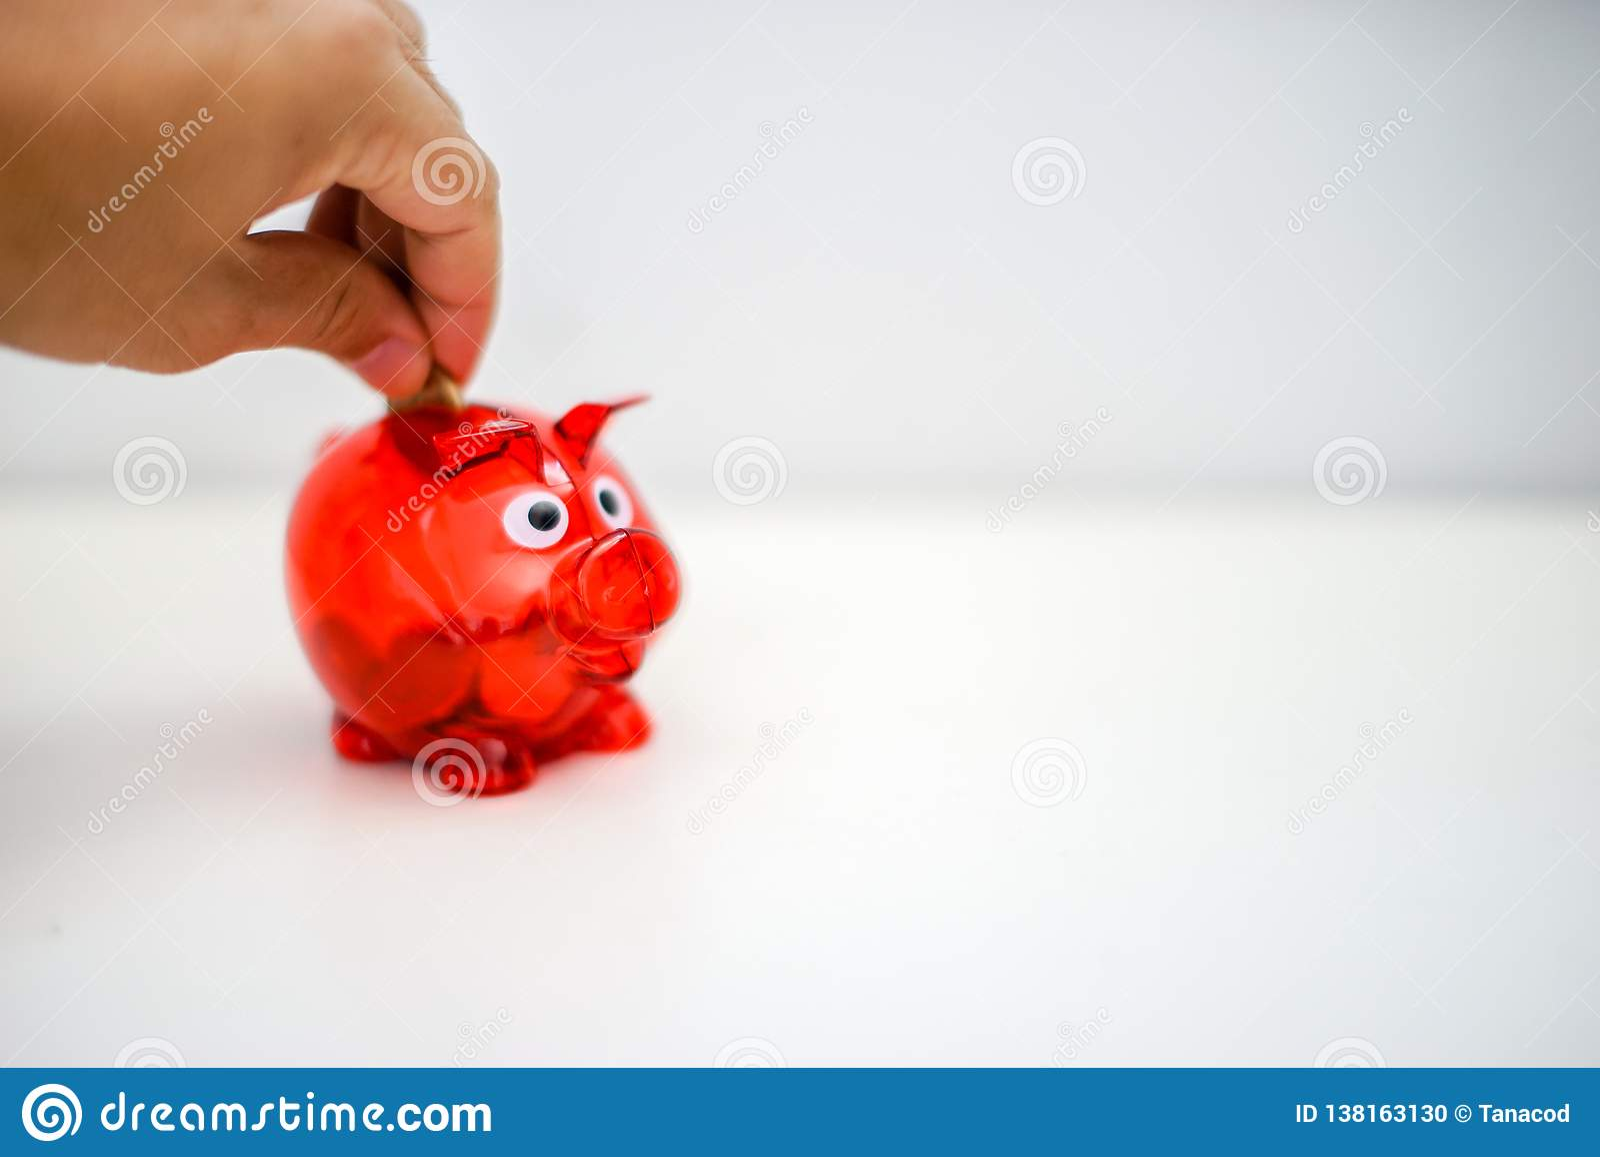 放硬币的亚洲人手入红色存钱罐